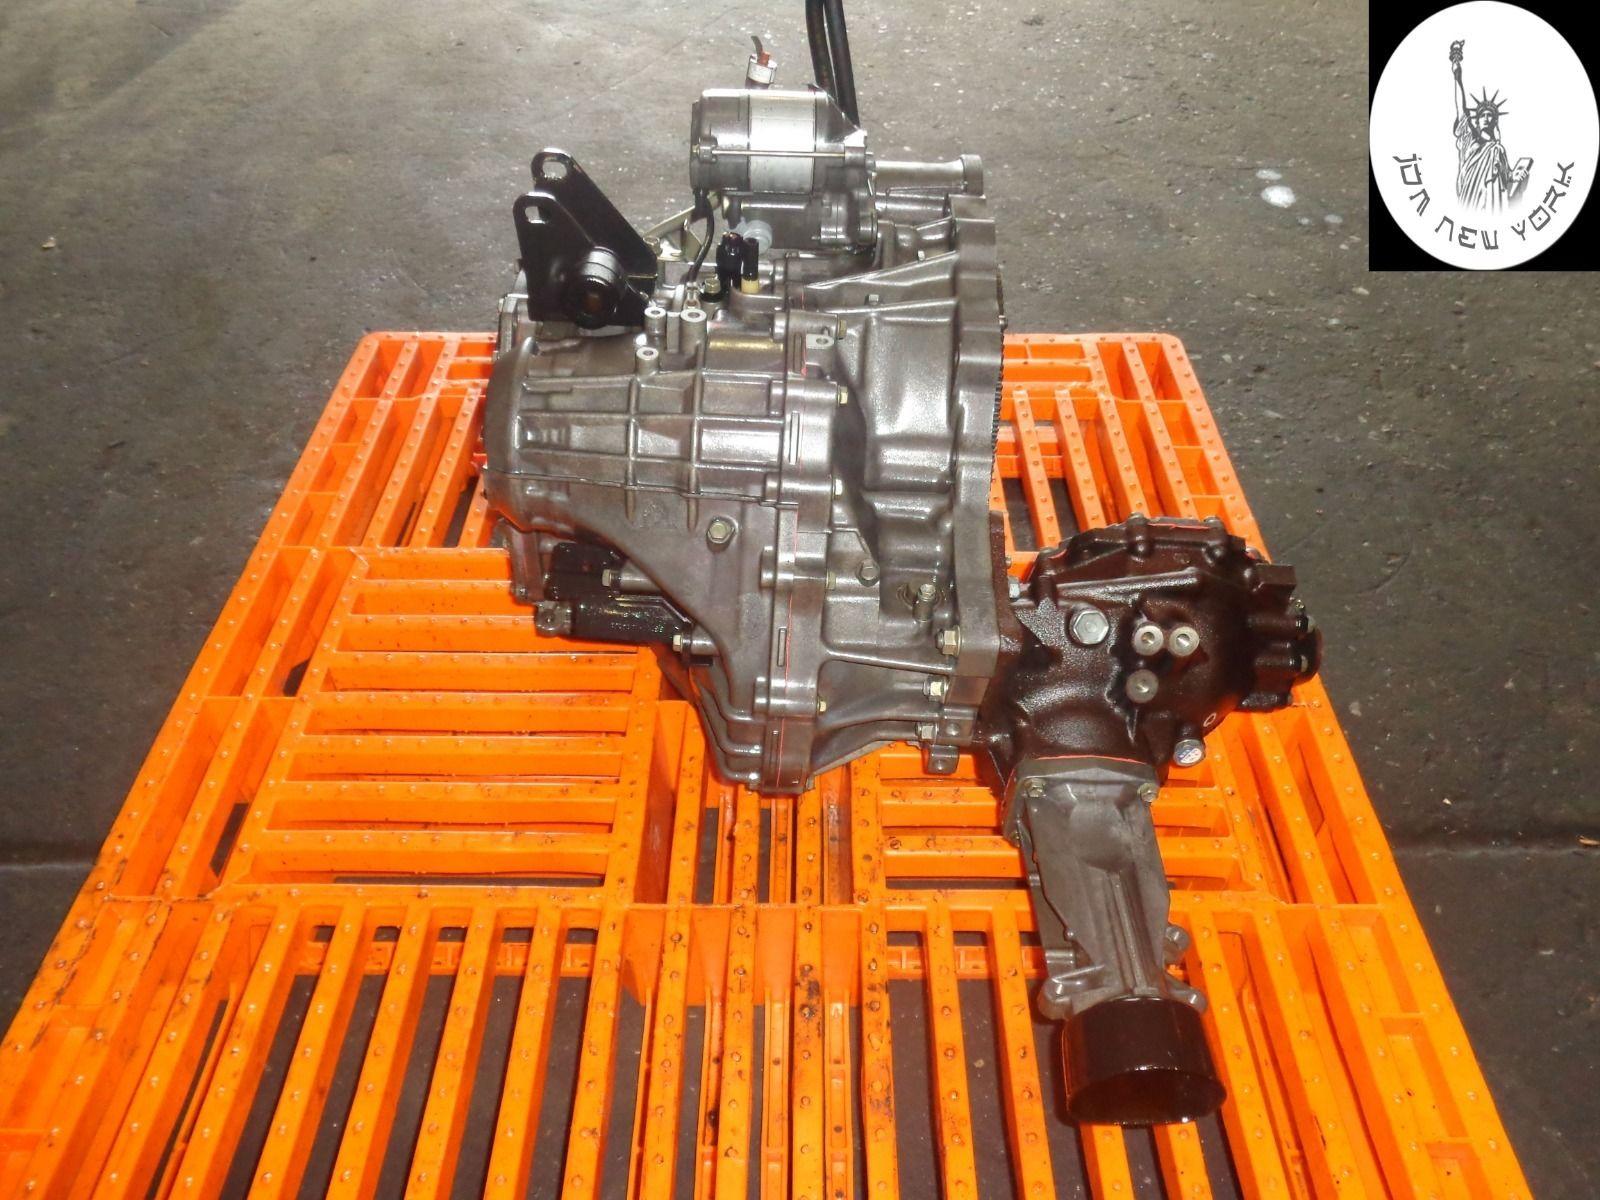 1999-2003 LEXUS RX300 2001-2003 TOYOTA HIGHLANDER 3.0 V6 ...